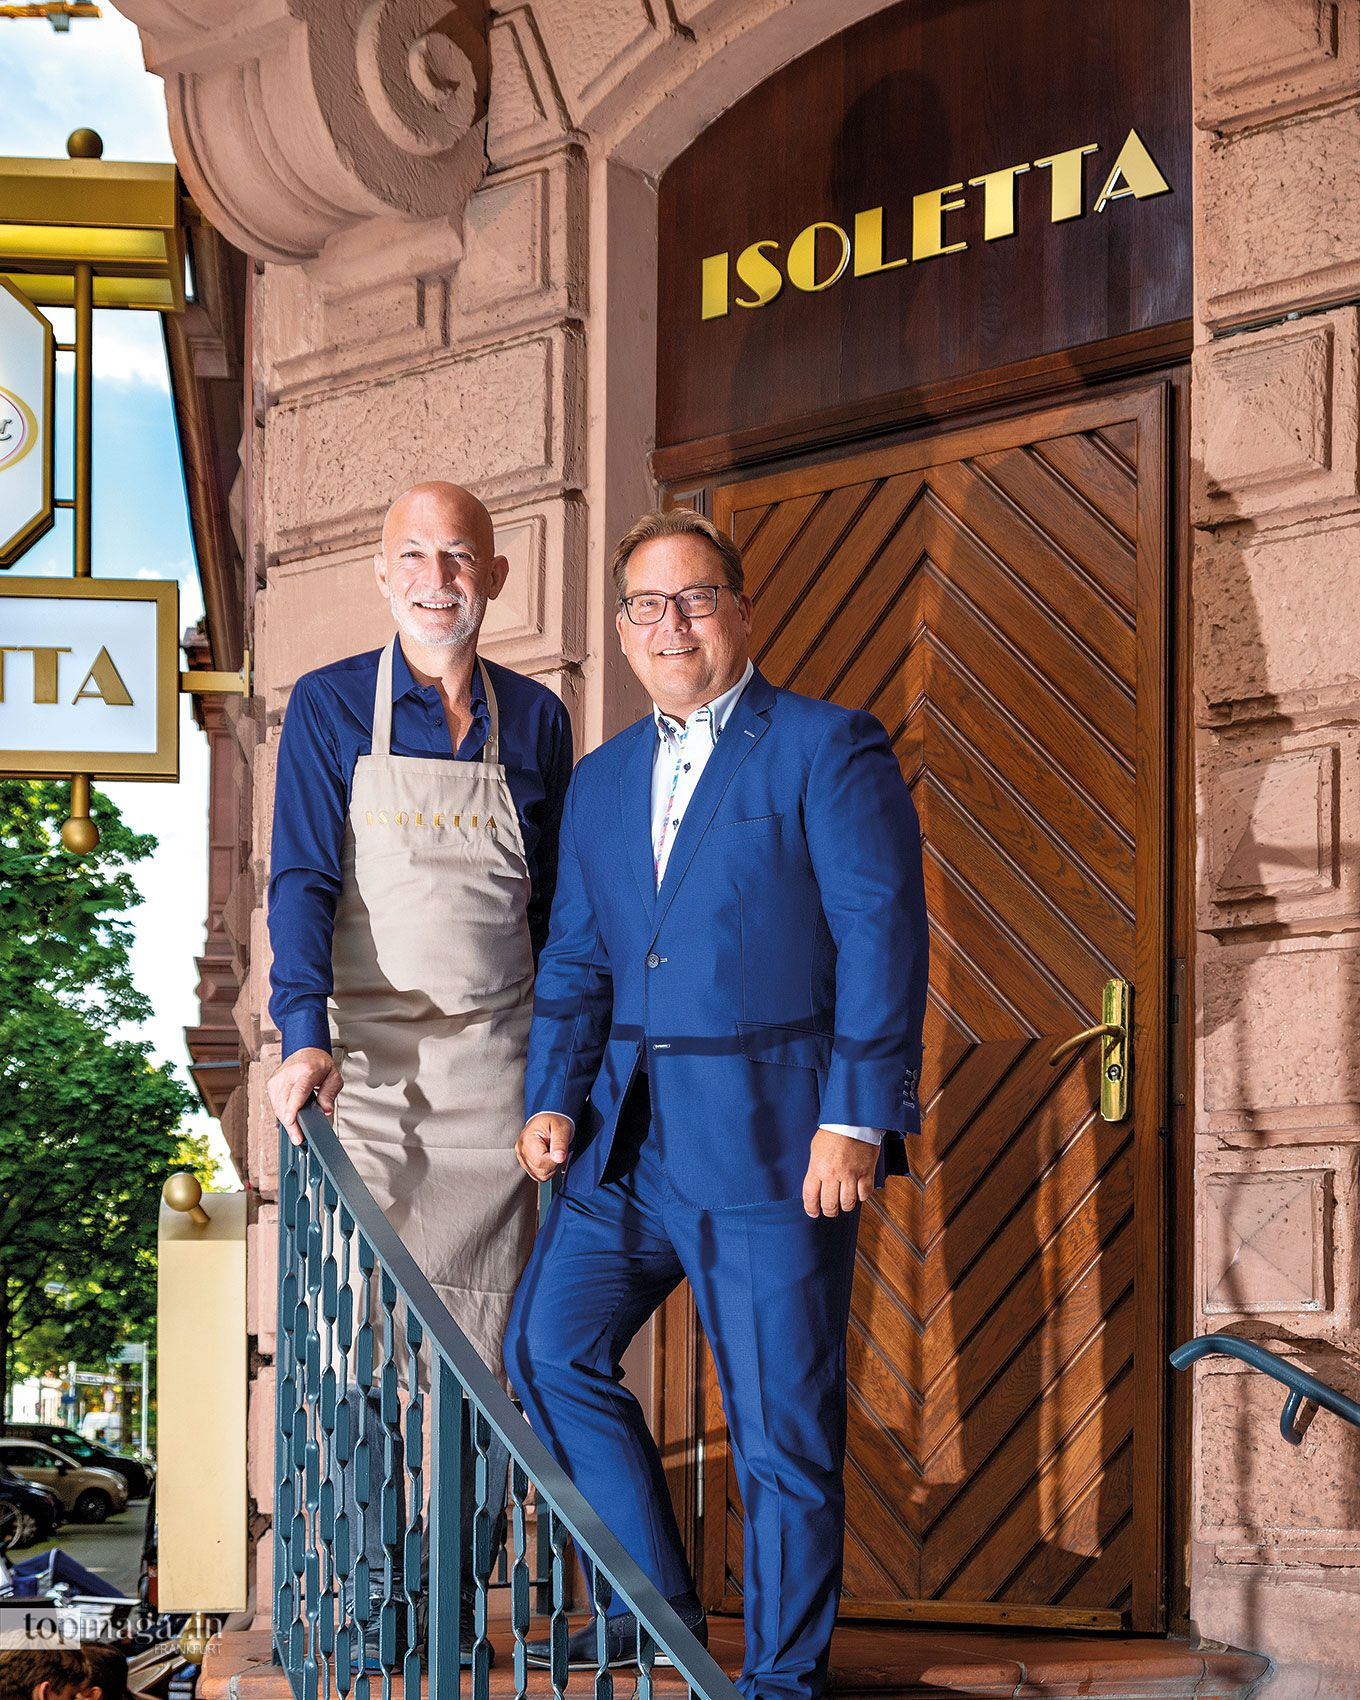 Ciro Cavallo und Michael Schramm vor dem Isoletta auf der Feldbergstraße